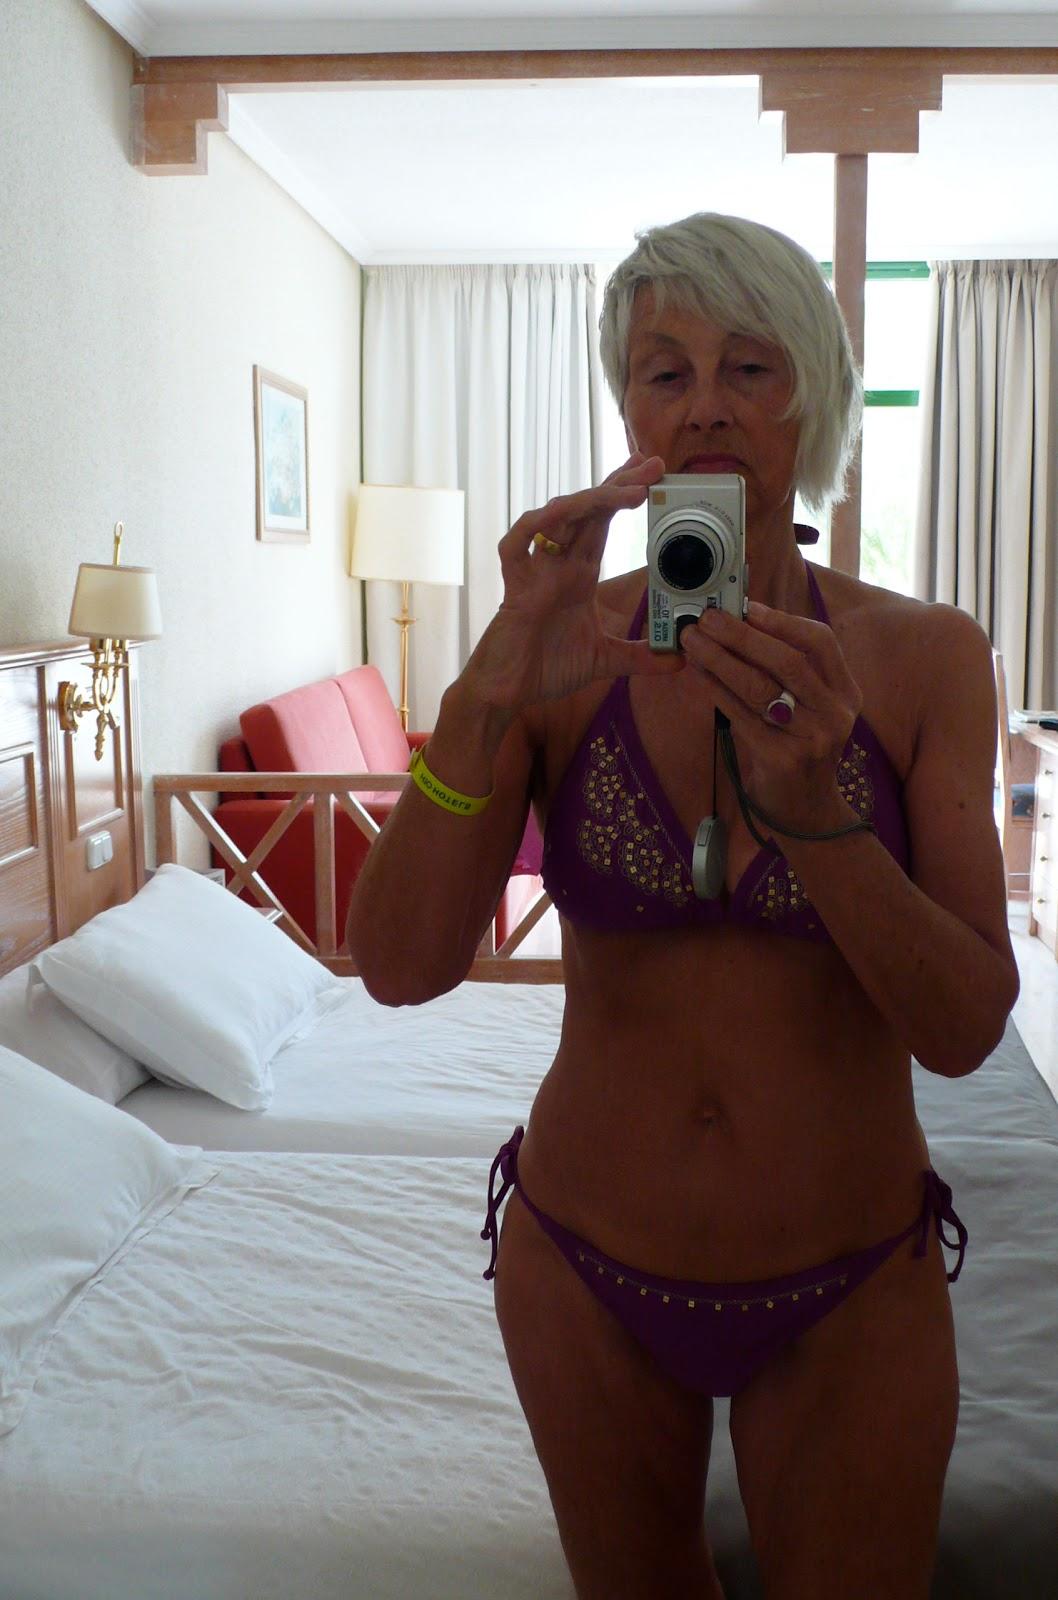 Naked asian boys webcam